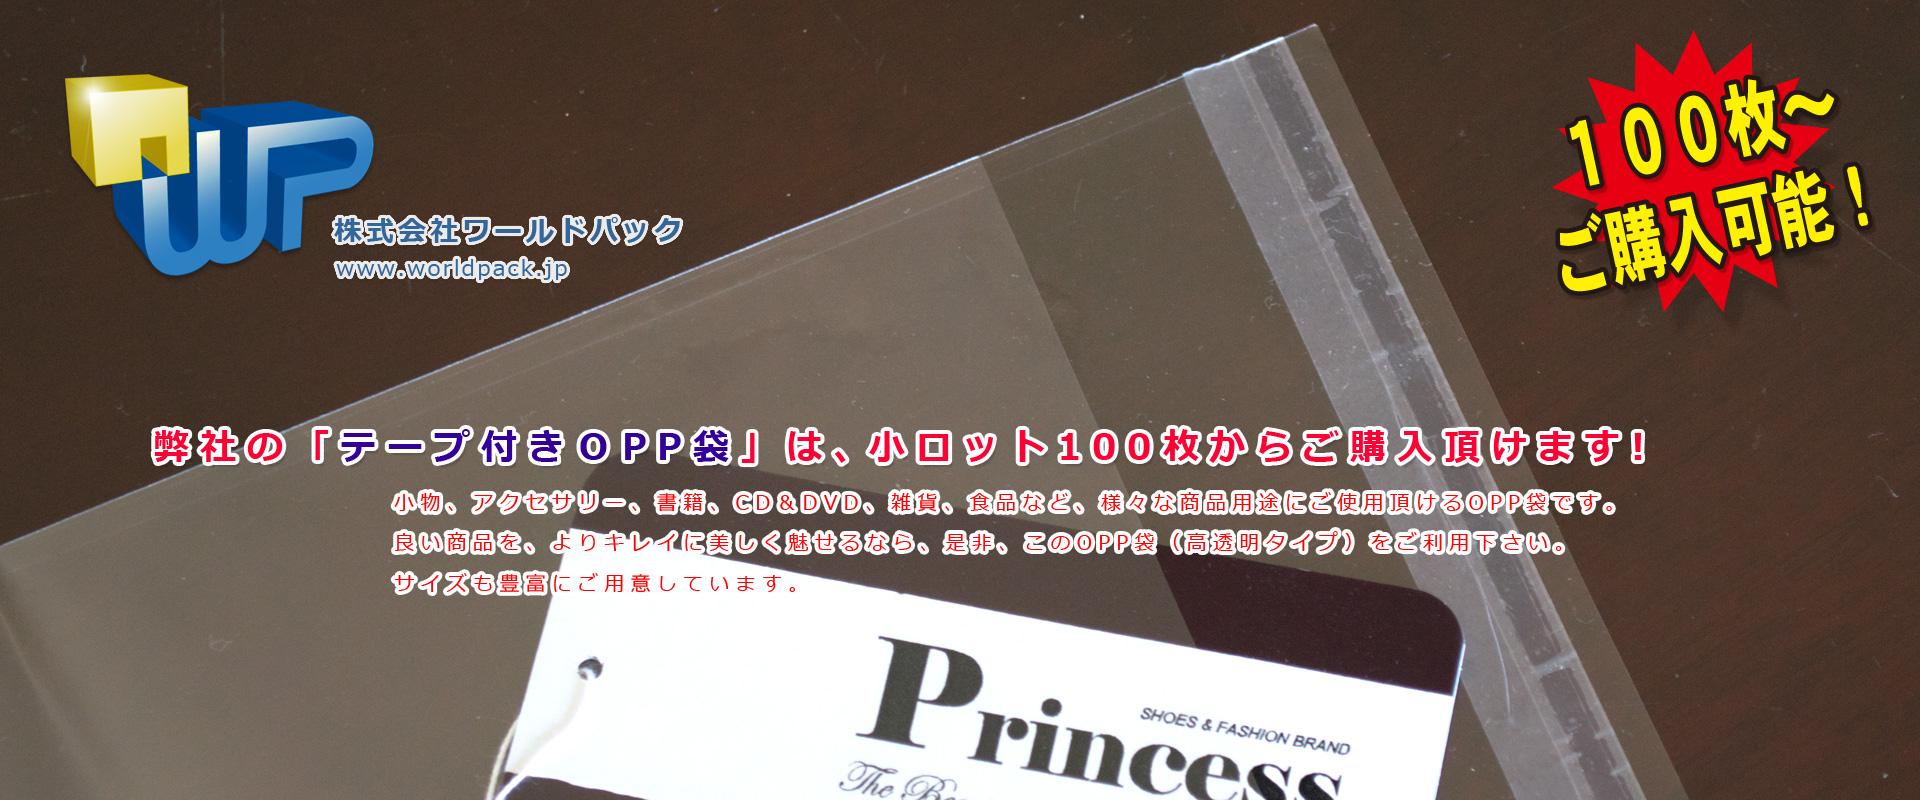 テープ付きOPP袋 商品をキレイに見せるOPP袋 株式会社ワールドパック 東京、神奈川、埼玉、千葉、茨城、群馬、栃木